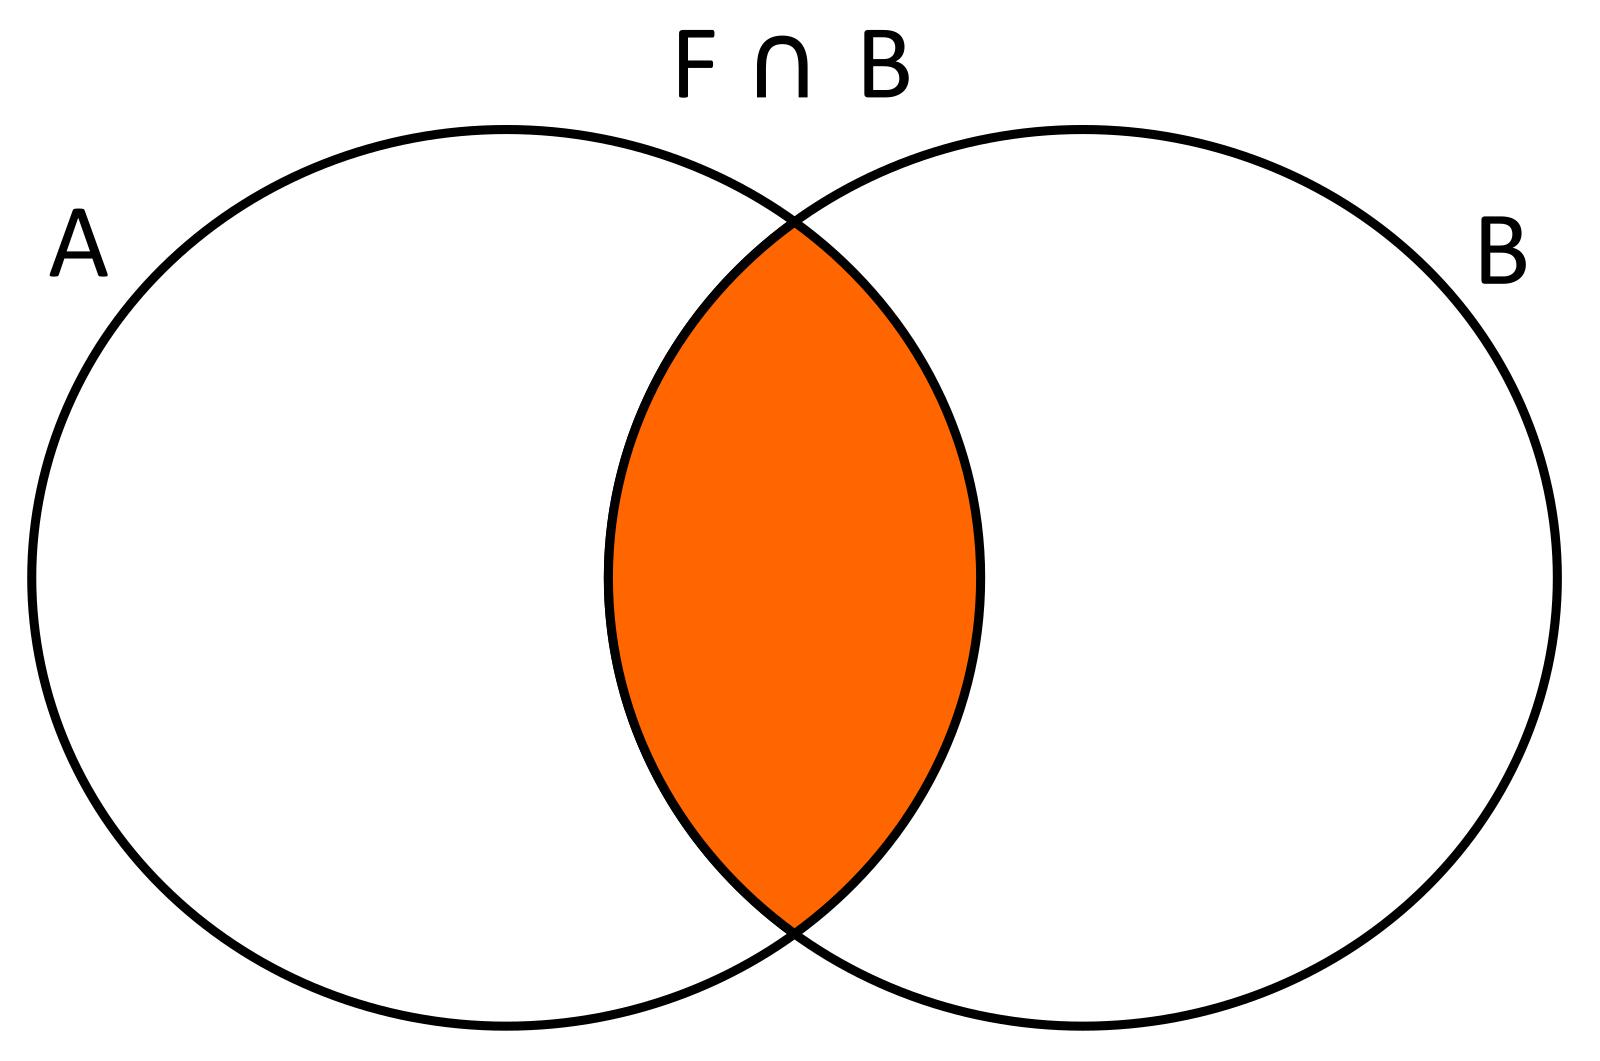 Conoce3000 que juegan bsquet la interseccin ser fbxx estudiantes que juegan ftbol y bsquet usando diagramas de venn se tendra lo siguiente ccuart Choice Image